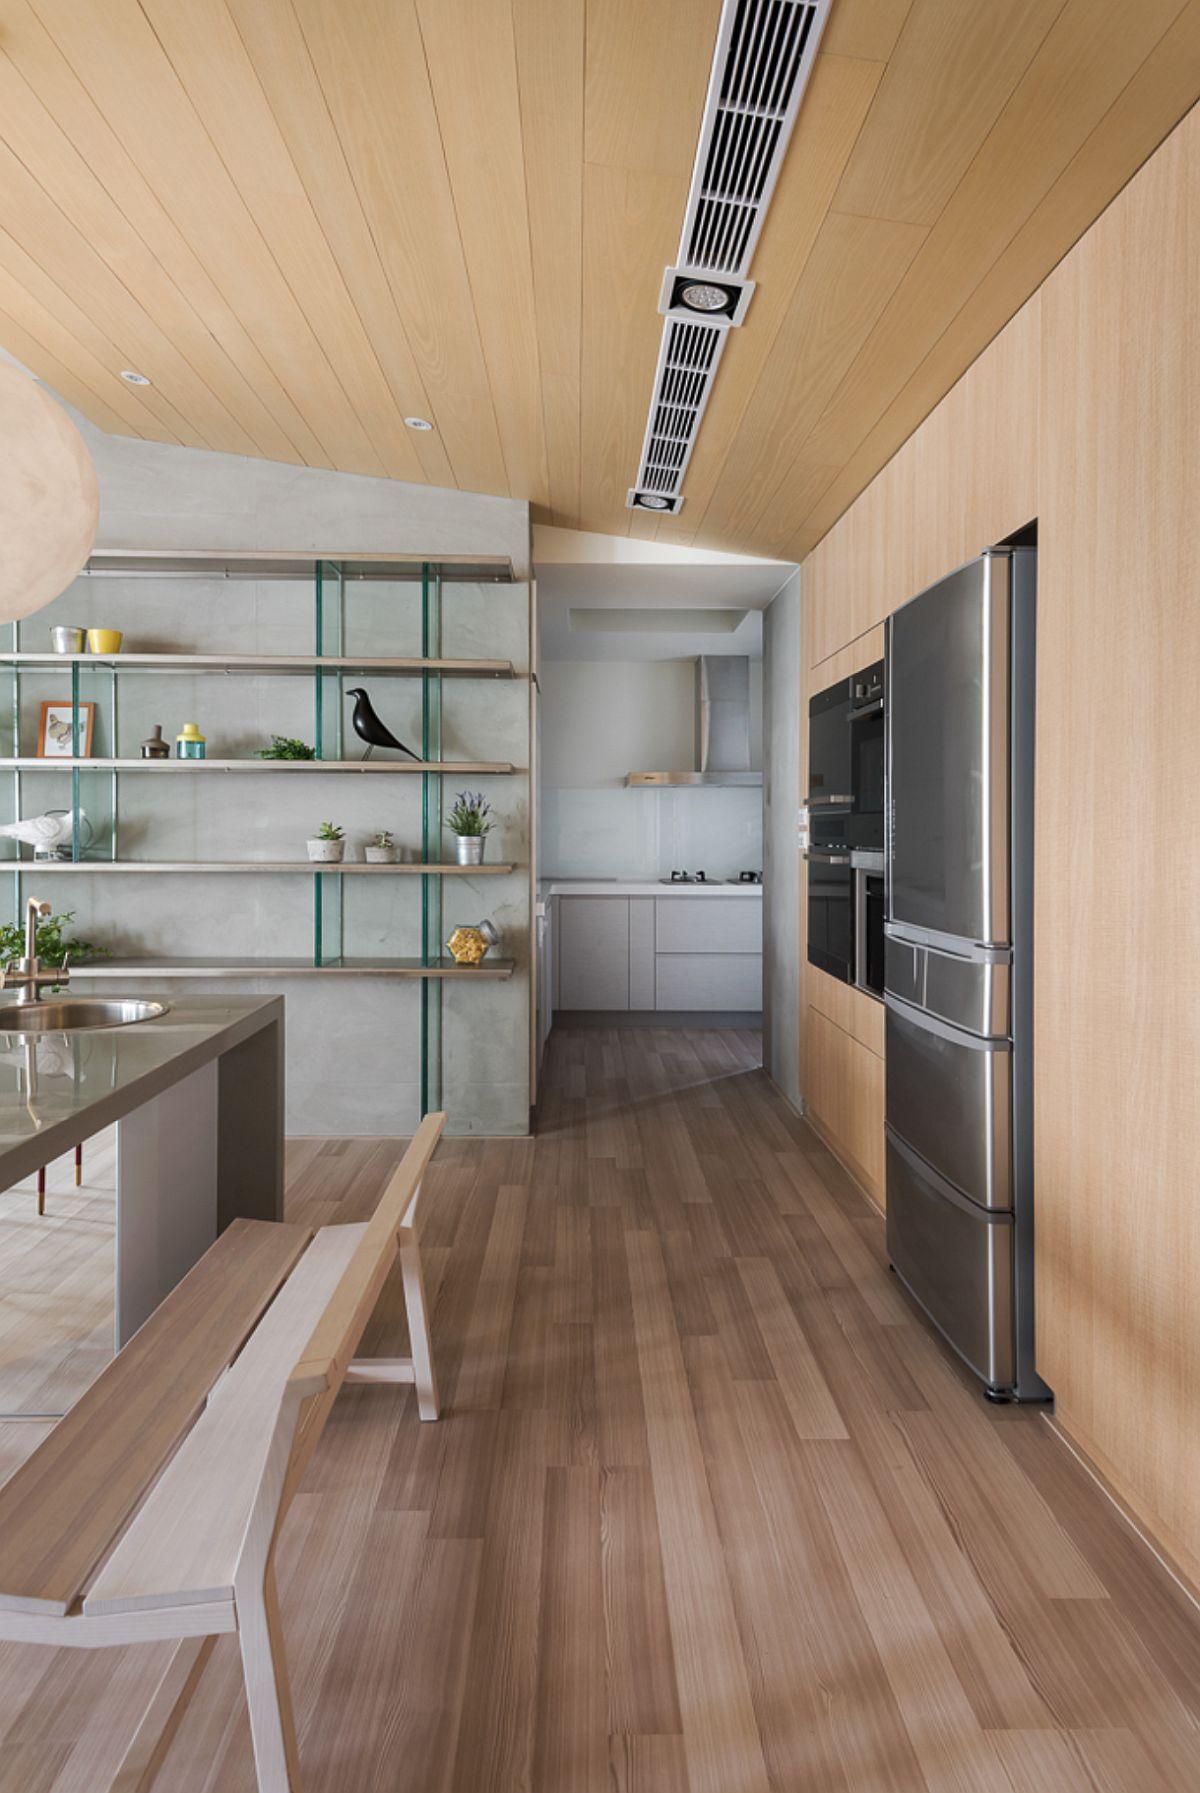 Zona de gătit este amenajată într-o încăpere parțial separată, astfel ca accesul la electrocasnicele considerate problematice pentru curiozitatea copiilor să fie ascunse. De asemenea, pentru că în mica încăpere există fereastră, deci se poate aerisi imediat după ce se gătește, a contributi major la separarea locului de gătit.